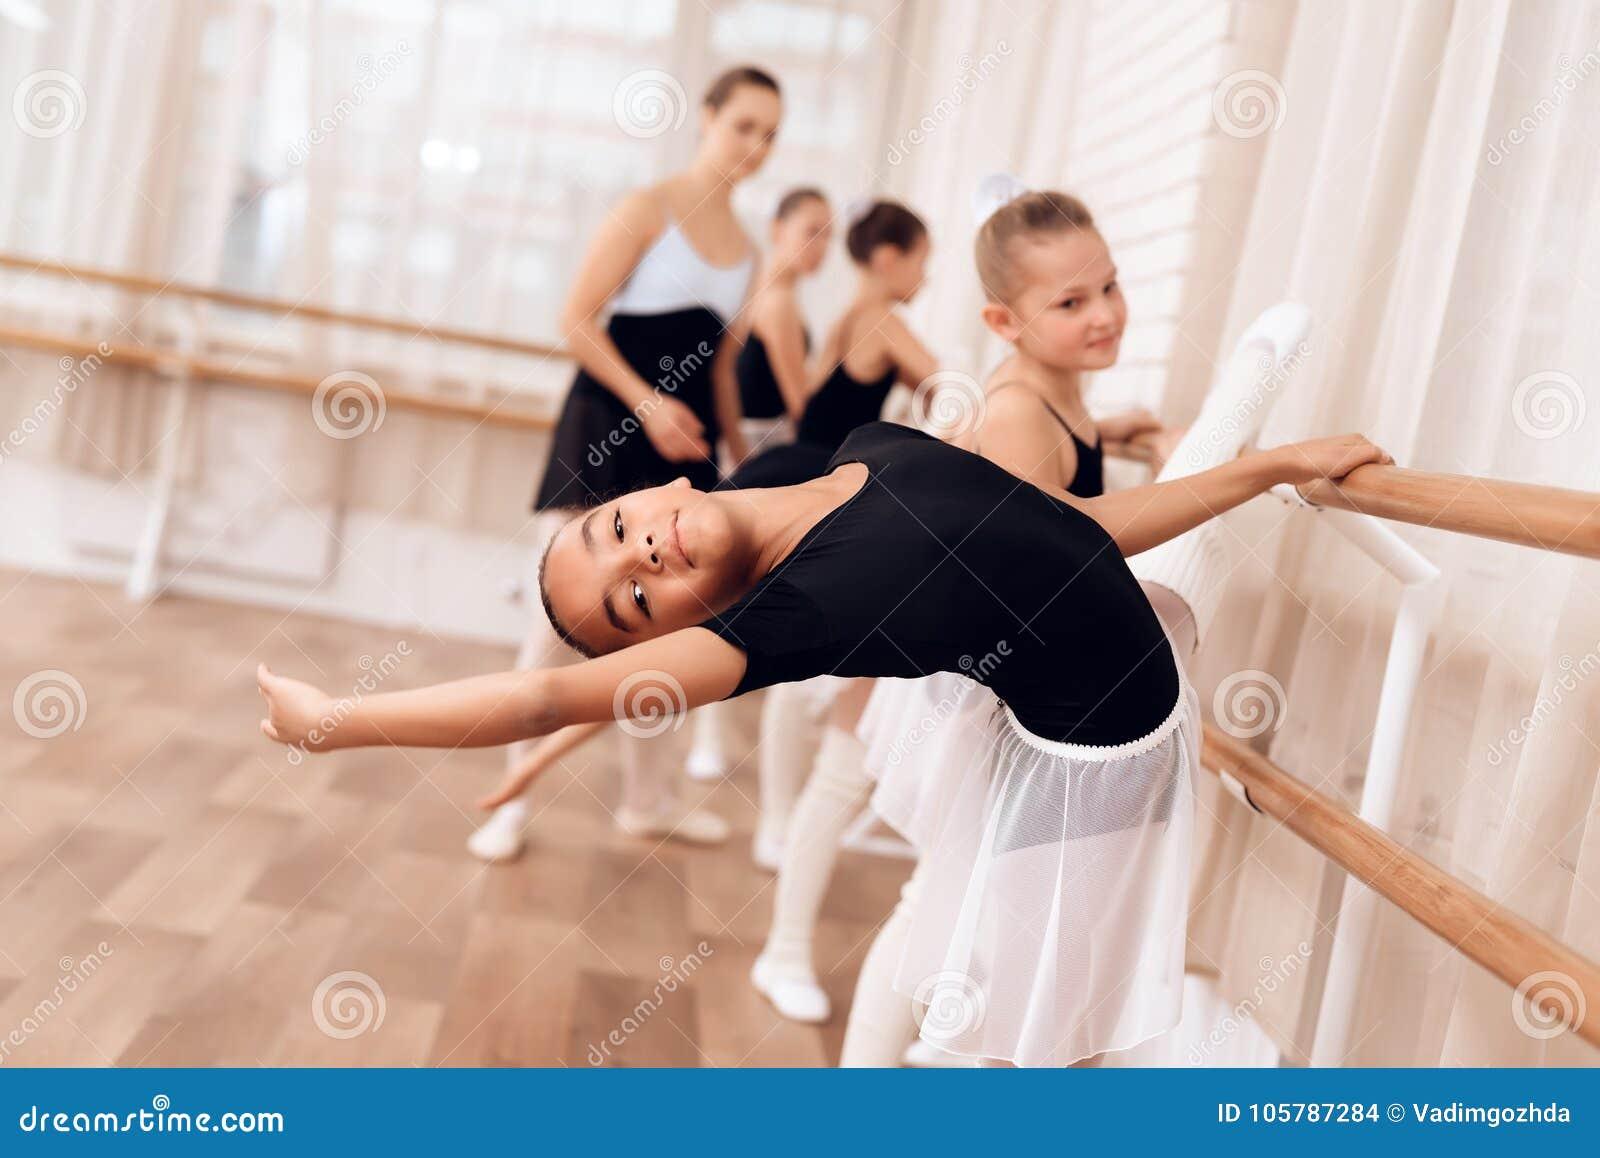 La jeune ballerine fait un mouvement de danse avec ses mains pendant une classe à une école de ballet